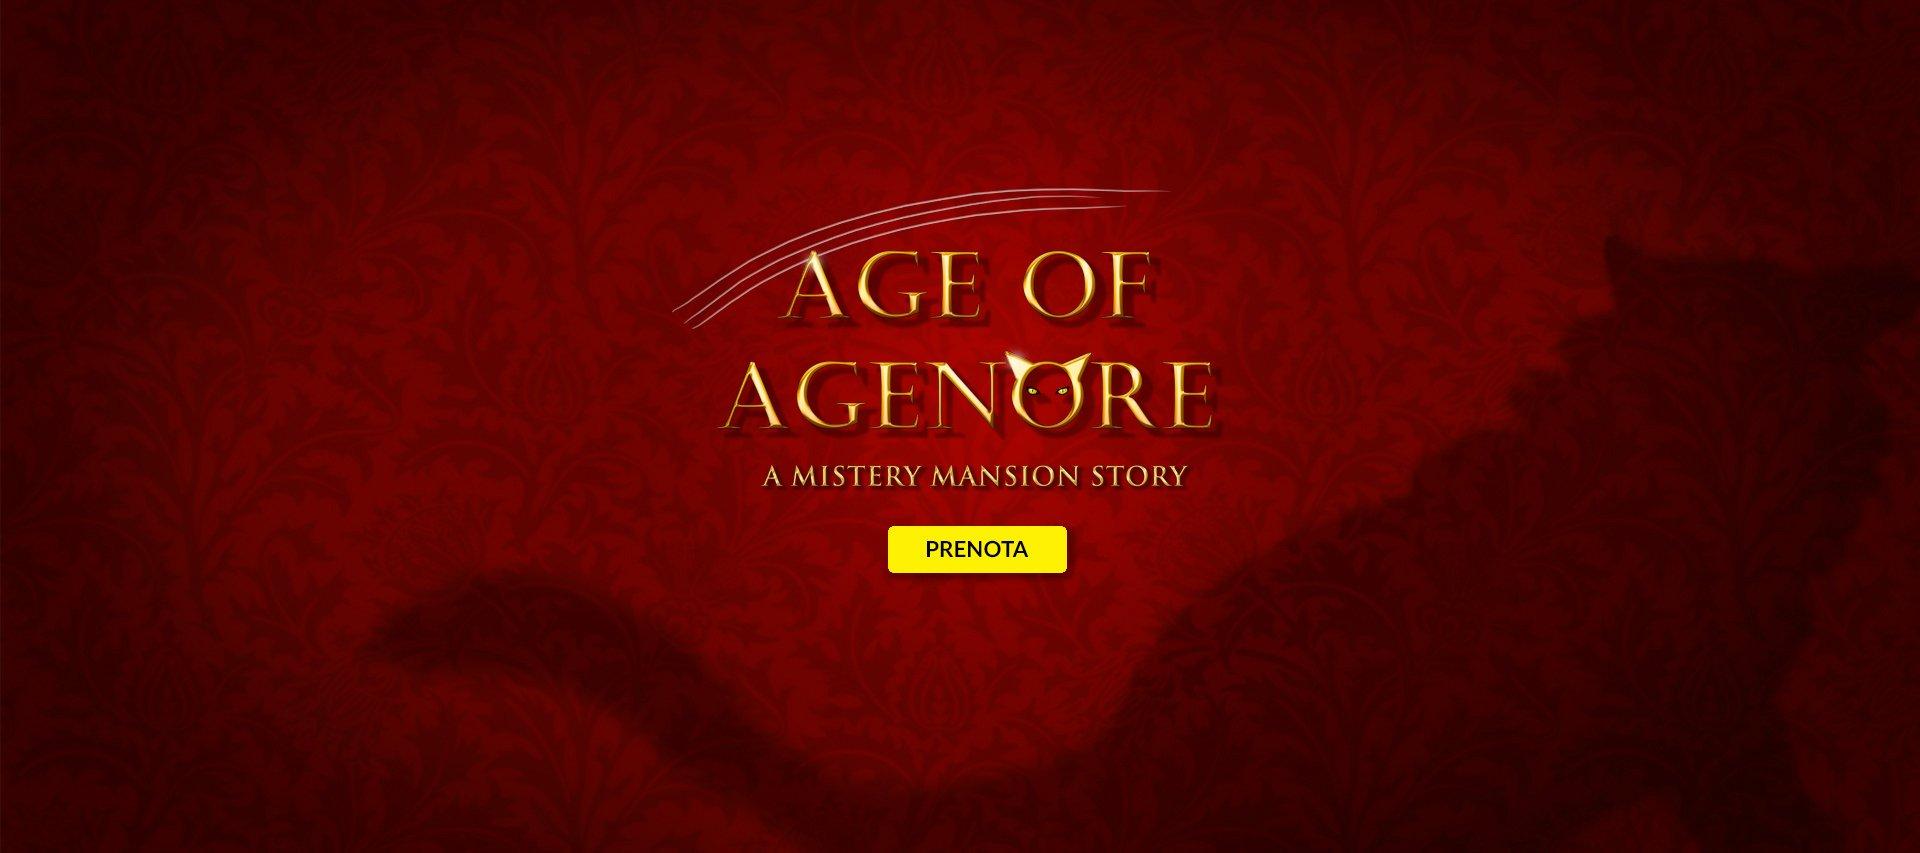 Nella foto il banner della Stanza Age of Agenore - Escape Room Padova iScampa